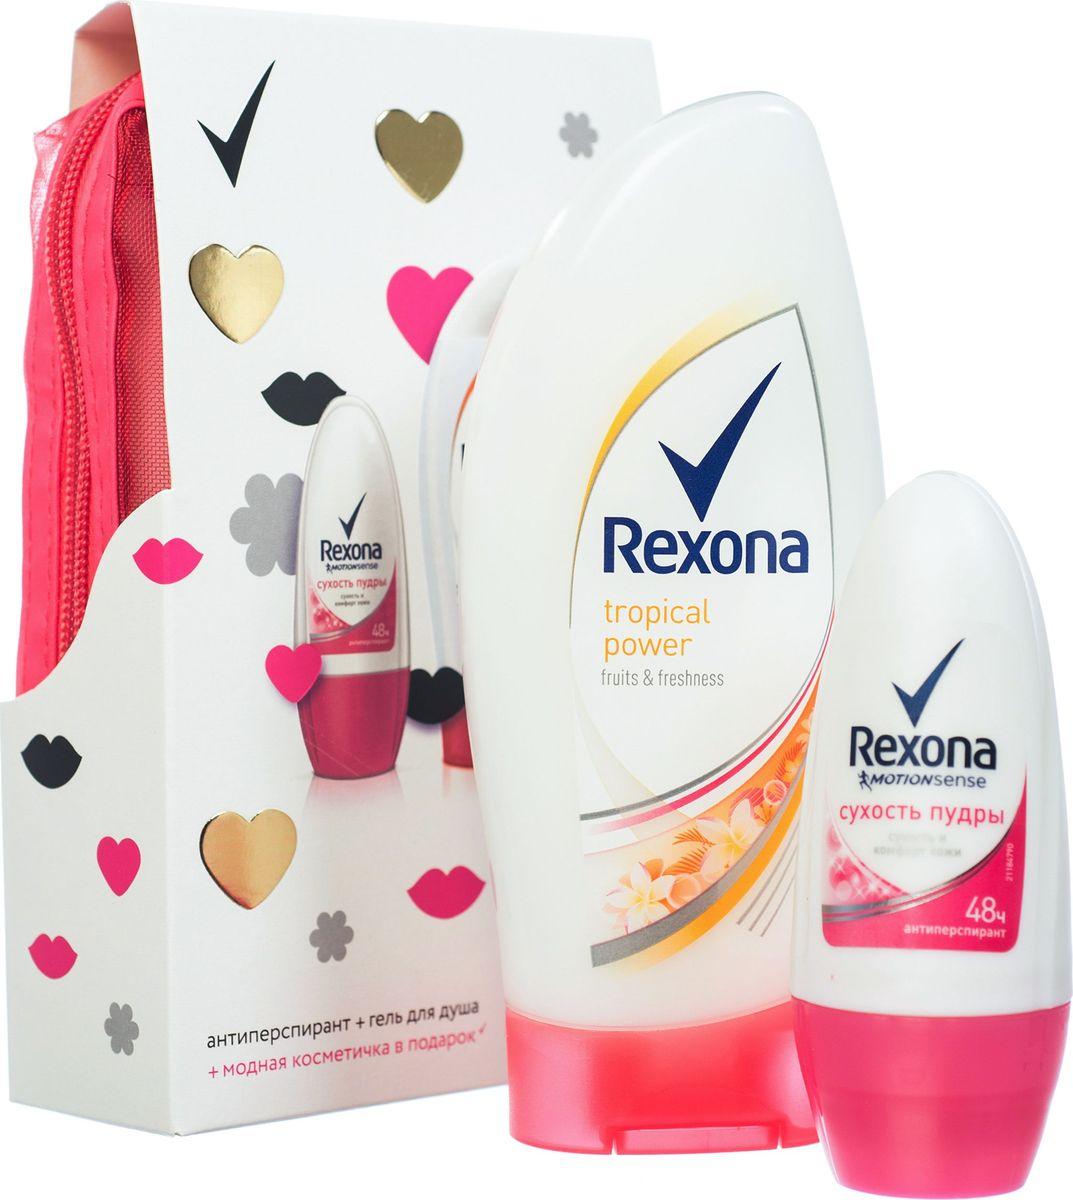 Rexona подарочный набор Be sexyAC-2233_серыйПродукция Rexona уже на протяжении более ста лет предоставляет своим покупателям эффективную защиту от пота и запаха. Мы демонстрирует непрерывное развитие и усовершенствование своих продуктов. Мы постоянно совершенствуем наши продукты, открывая и внедряя новые технологии, чтобы сделать дезодорант №1 в России еще лучше.«Никогда не подведет!» — под таким девизом Rexona представляет линейку современных средств от пота для женщин и мужчин. А история этой марки начинается в 1904 году с самого обычного туалетного мыла, в который были добавлены новые ингредиенты для большего аромата. И тогда, и сейчас Рексона заботится о том, чтобы неприятный запах пота не портил человеку настроение и ощущения в течение дня.Антиперспиранты Rexona • Не маскируют, а помогают устранить главную причину неприятного запаха – бактерии.• В 10 раз лучше защита от бактерий, вызывающих неприятный запах.• Не раздражают и бережно относятся к естественной микрофлоре нежной кожи в зоне подмышек• Инновационная формула представлена во всех форматах и линейках Rexona и Rexona Men.• Уникальные микрокапсулы свежести раскрываются при каждом твоем движении, сохраняя ощущение свежести с утра до вечера.• Доказанная защита от пота в стрессовых ситуациях.• Моментально высыхают без ощущения липкости и дискомфорта• Содержит 90% ухаживающих компонентов• Научно подтверждено: в 3 раза эффективнее обычного антиперспиранта.• Эффективно предотвращают появление белых следов и желтых пятен на одежде и коже. В составе набора: Гель для душа Rexona Тропическая Свежесть 250 мл, антиперспирант Rexona Сухость Пудры с нежным цветочно-пудровым ароматом 50 для ощущения свежести и частоты на весь день!??Ощути свою восхитительную утонченность и насладись магией экзотических ароматов с гелем для душа Rexona Тропическая Свежесть 250 мл. А свежесть и защиту на весь день тебе обеспечит антиперспирант Rexona Сухость Пудры 50 мл с нежным цветочно-пудровым ароматом. Наполни утро волнительной легкос